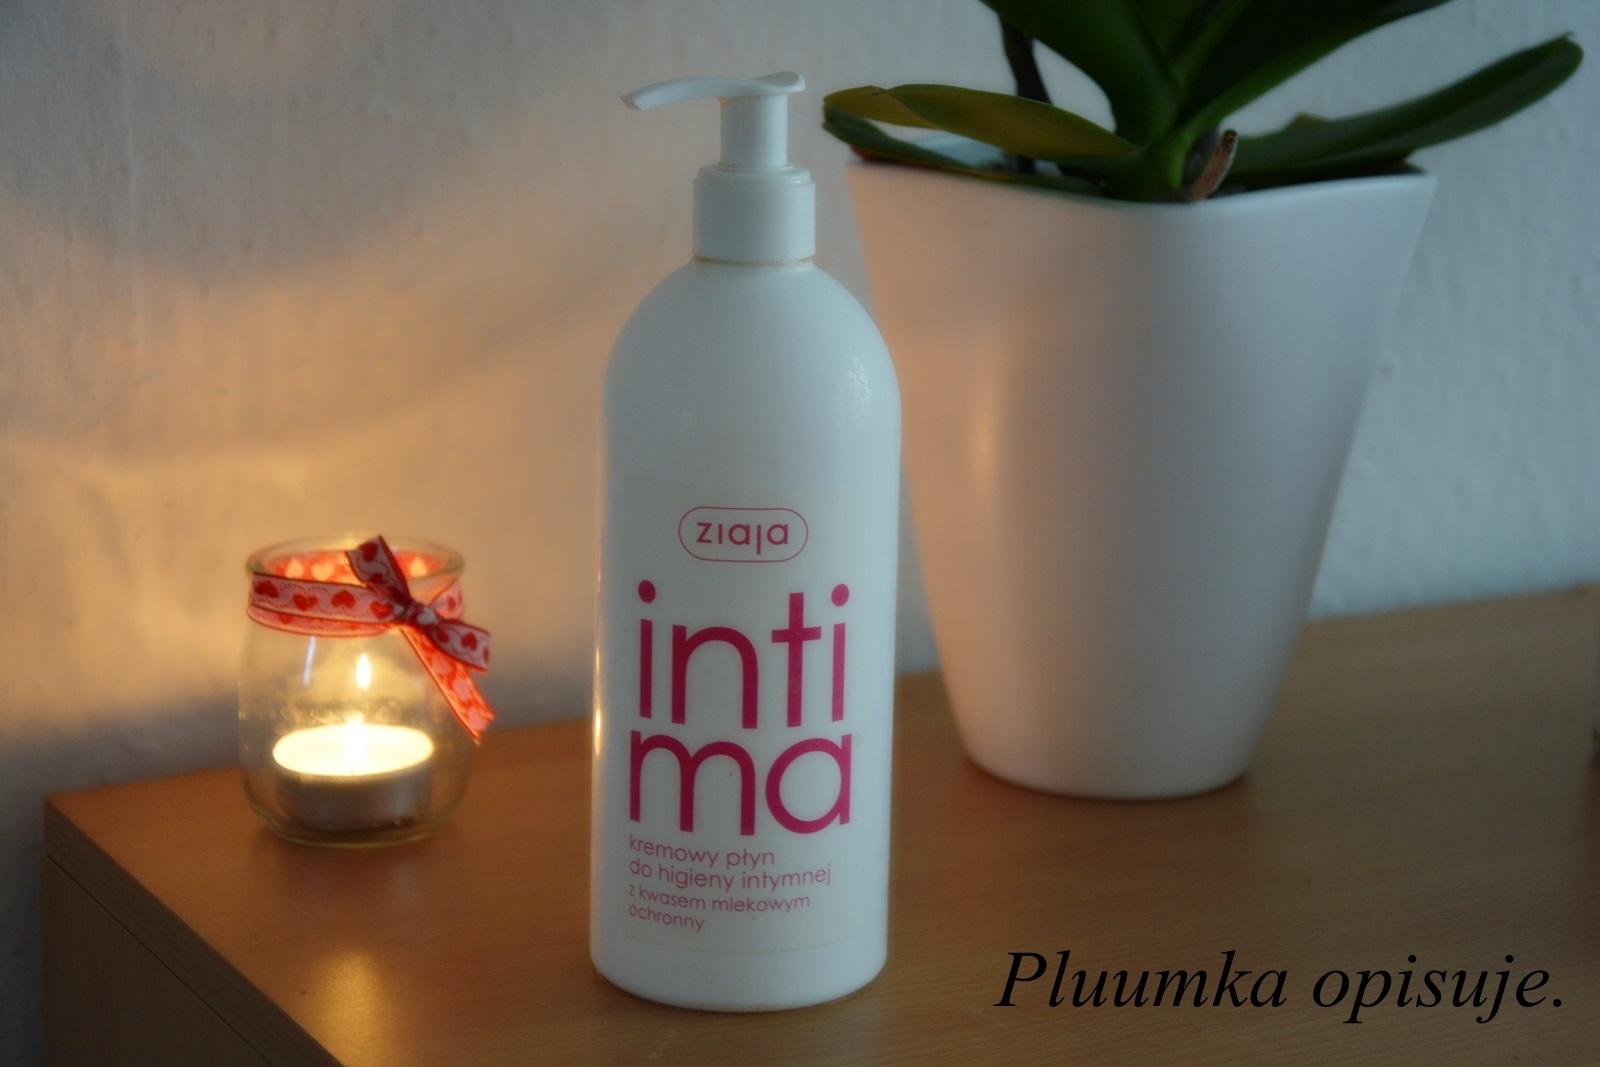 Ziaja intima - kremowy płyn do higieny intymnej z kwasem mlekowym